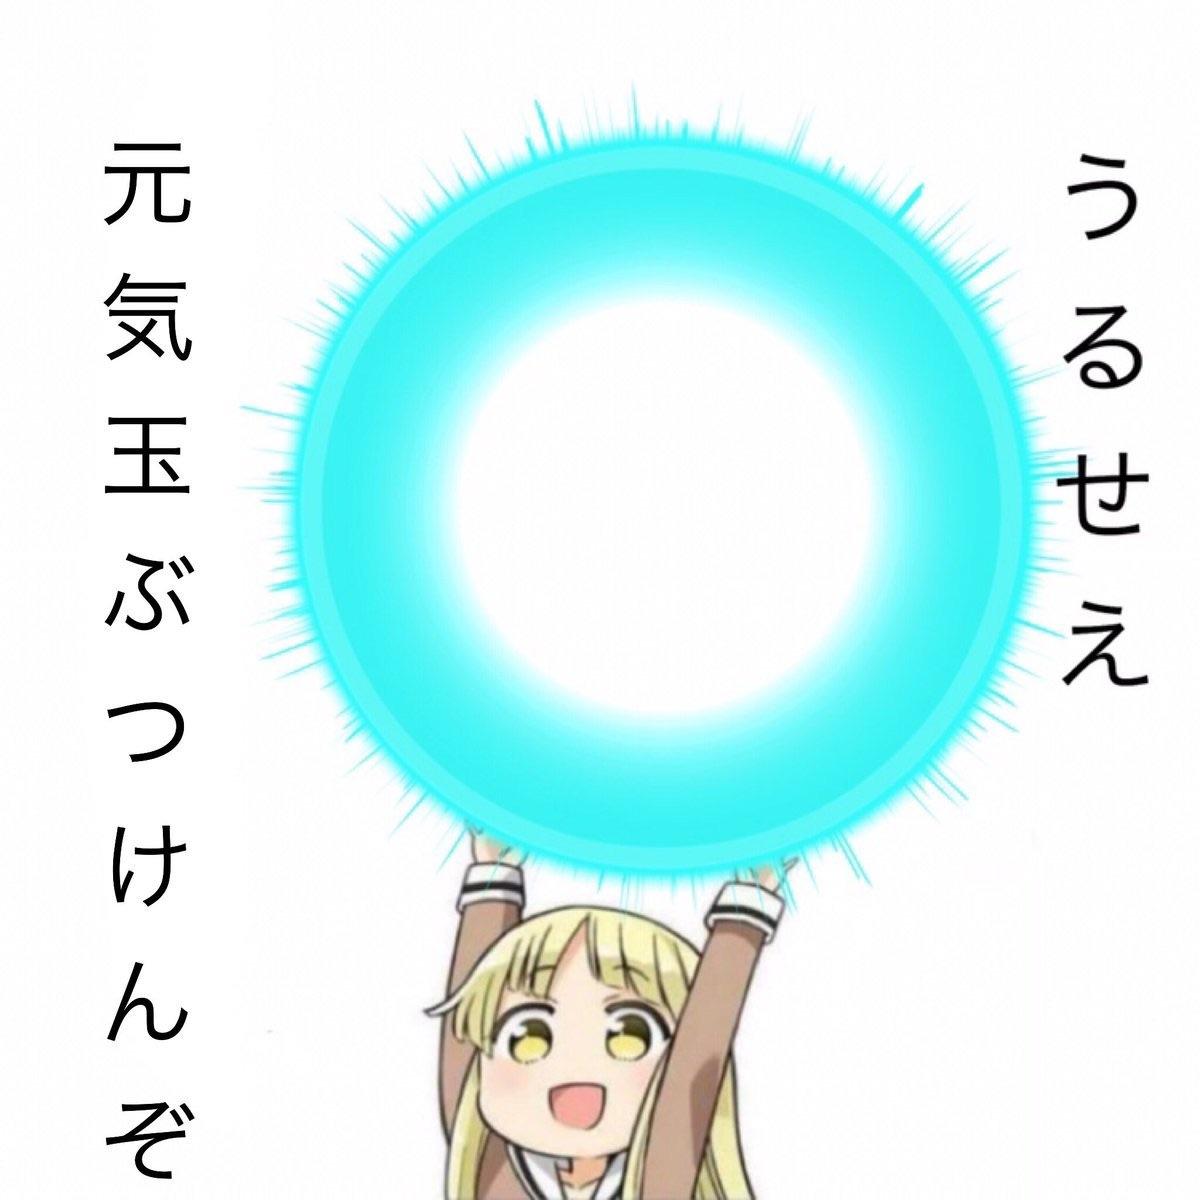 f:id:bandmewtwoyuyuko:20200520153239j:image